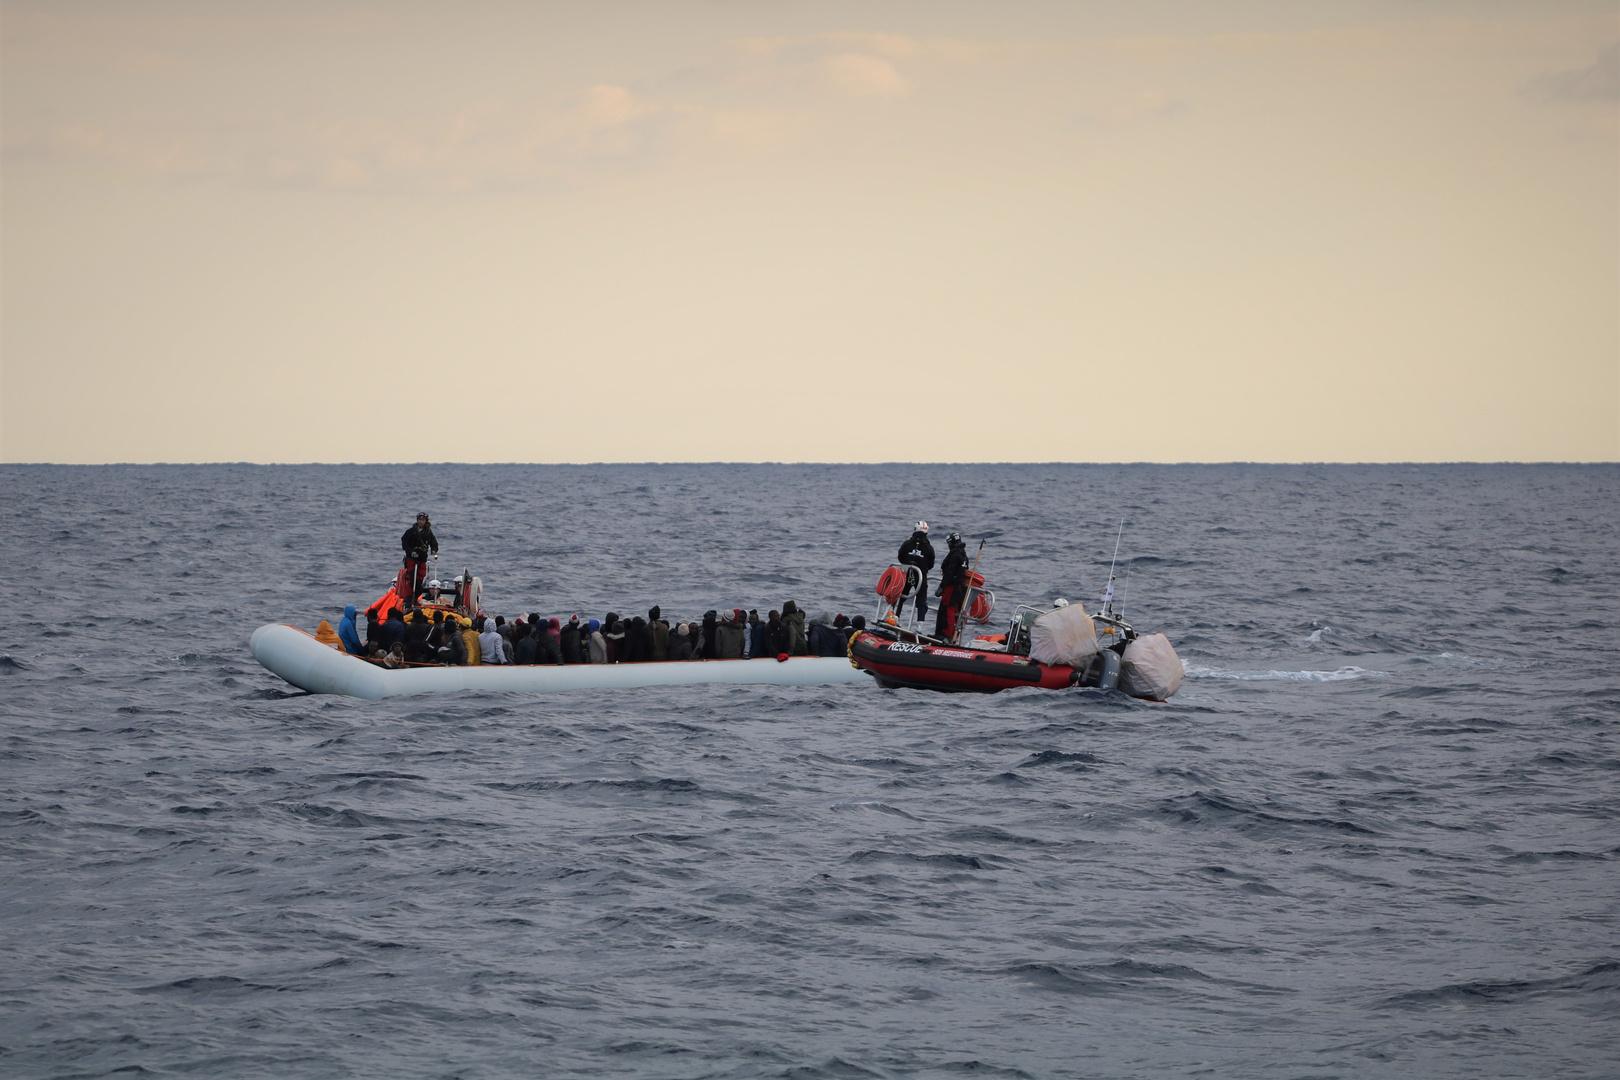 ليبيا.. إنقاذ 143 مهاجرا غير شرعي من جنسيات مختلفة في عرض البحر